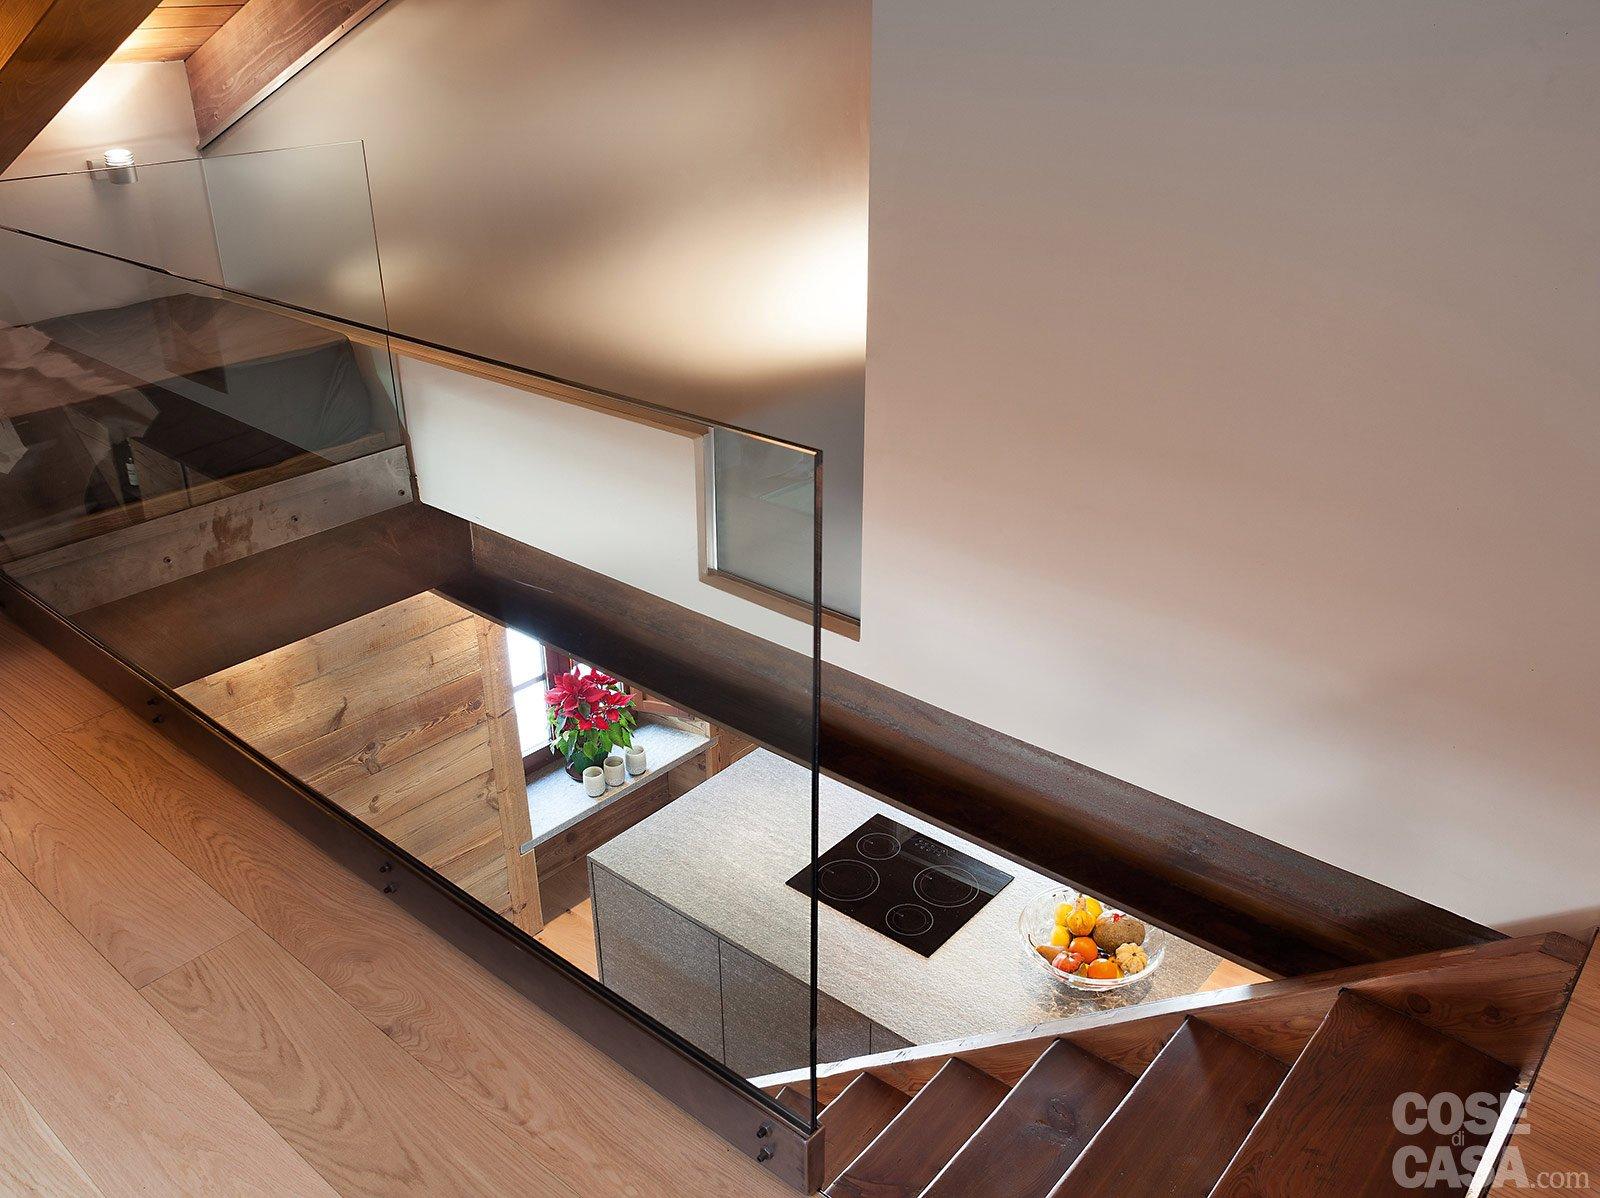 Bagno Con Scale Interne Interior Minimal Design : Chalet moderno una casa di montagna in stile rustico